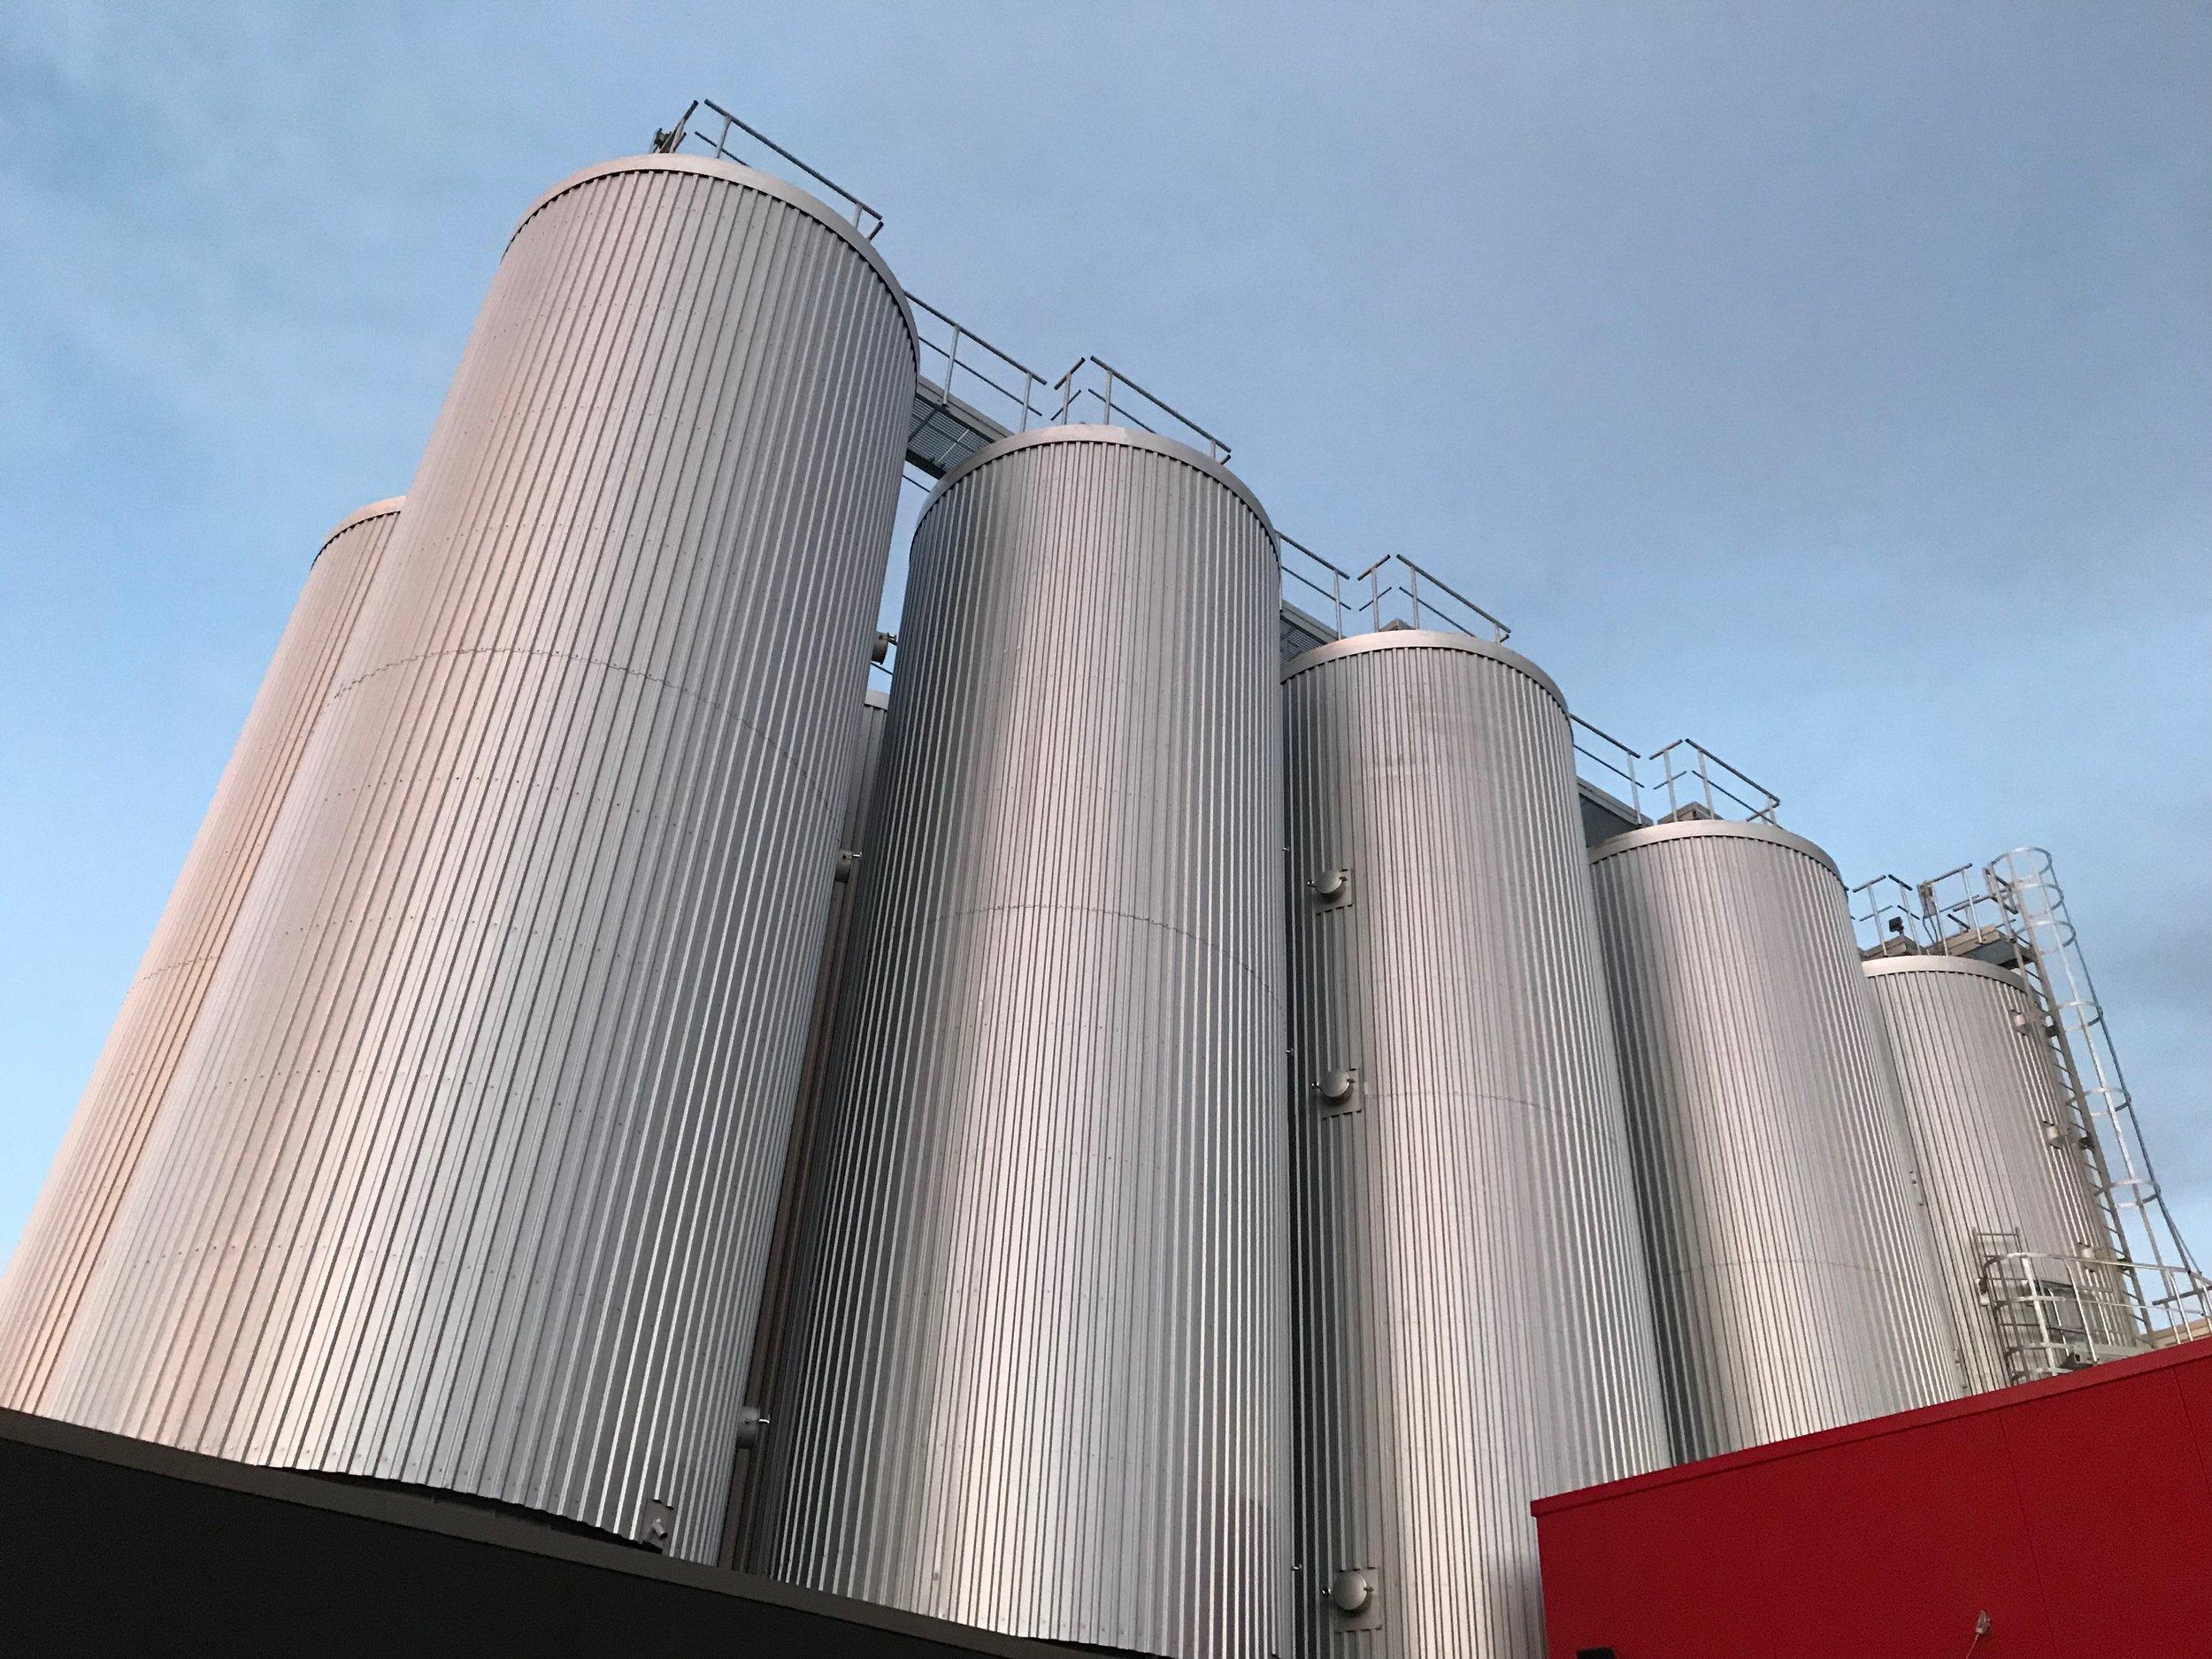 DETOUR: Boulder, CO – Avery Brewing Co.